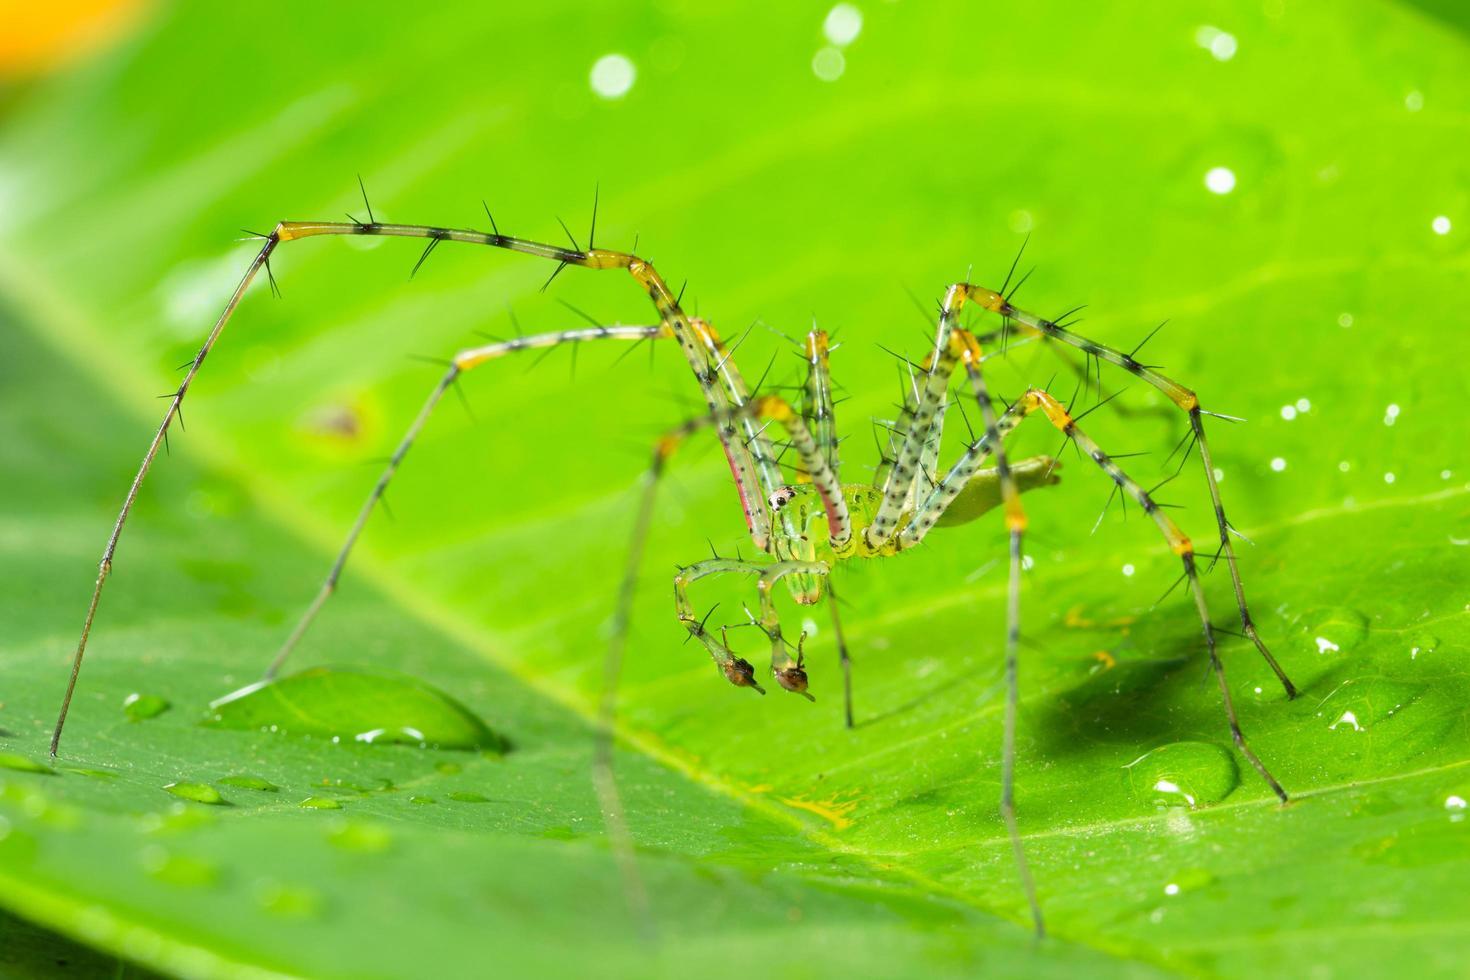 grüne Spinne auf einem Blatt foto